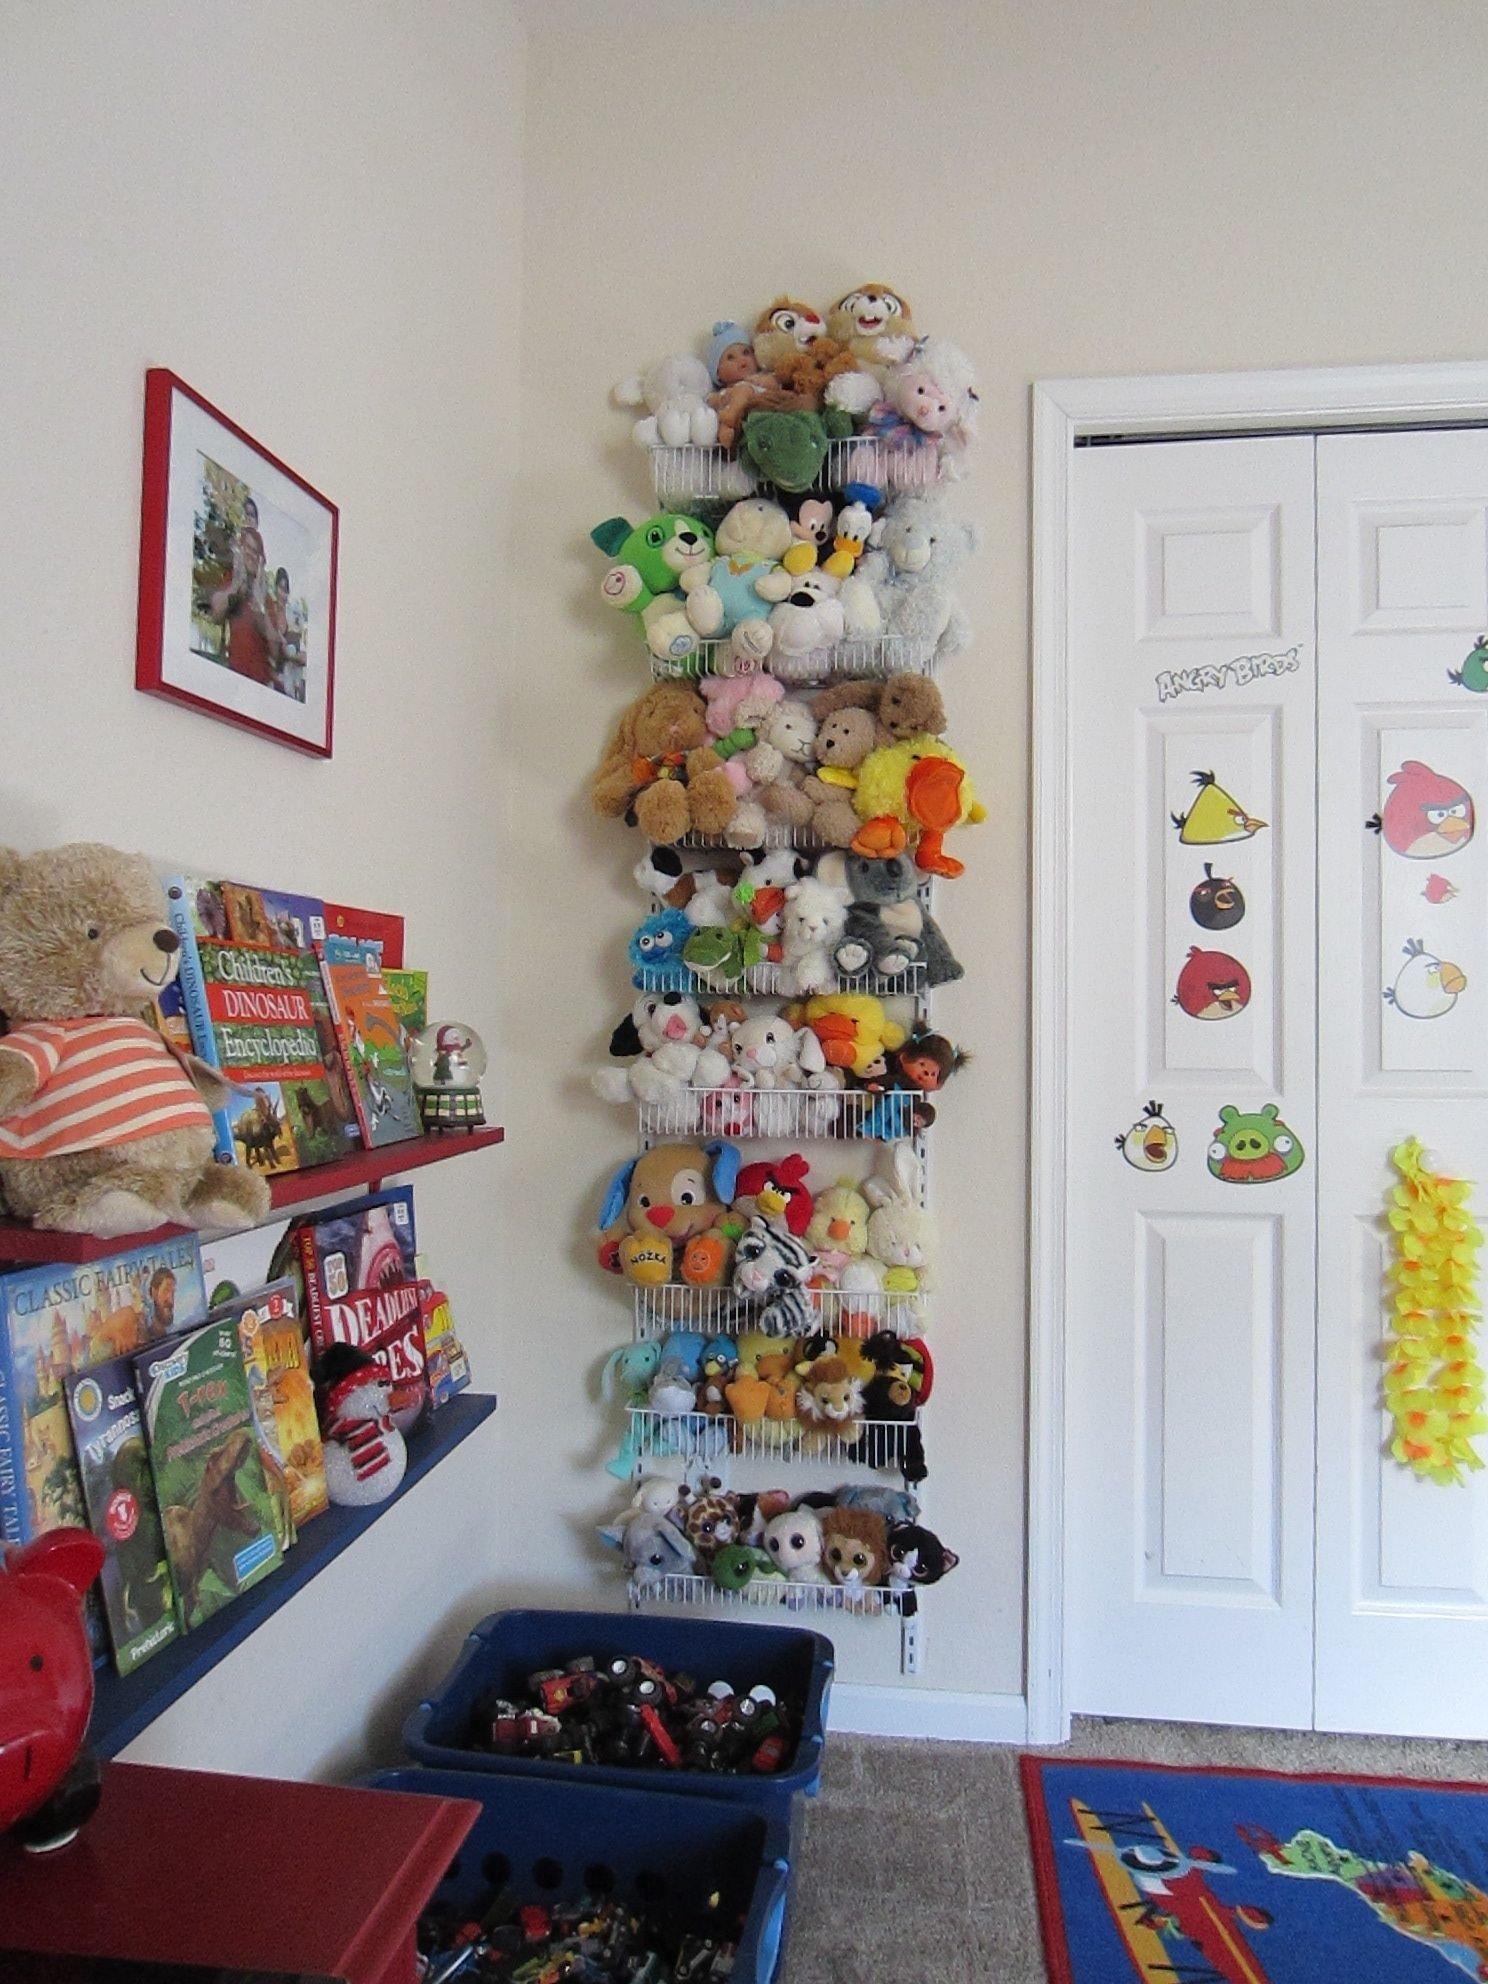 stuffed animals storage: closet maid 8-tier adjustable door rack